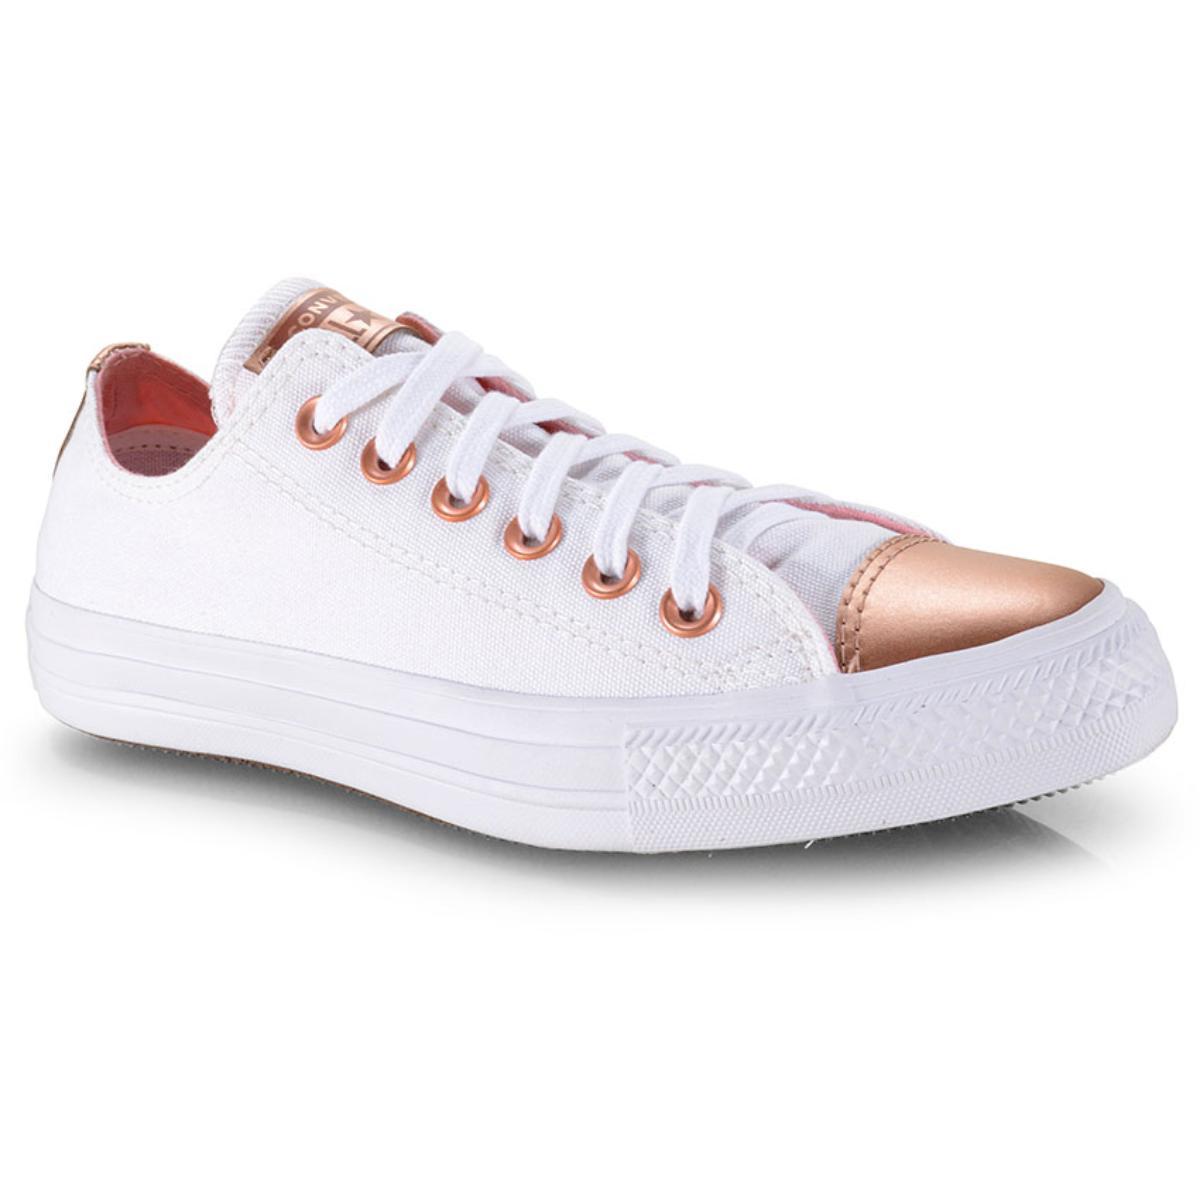 Tênis Feminino All Star Ct12650002 Branco/ouro